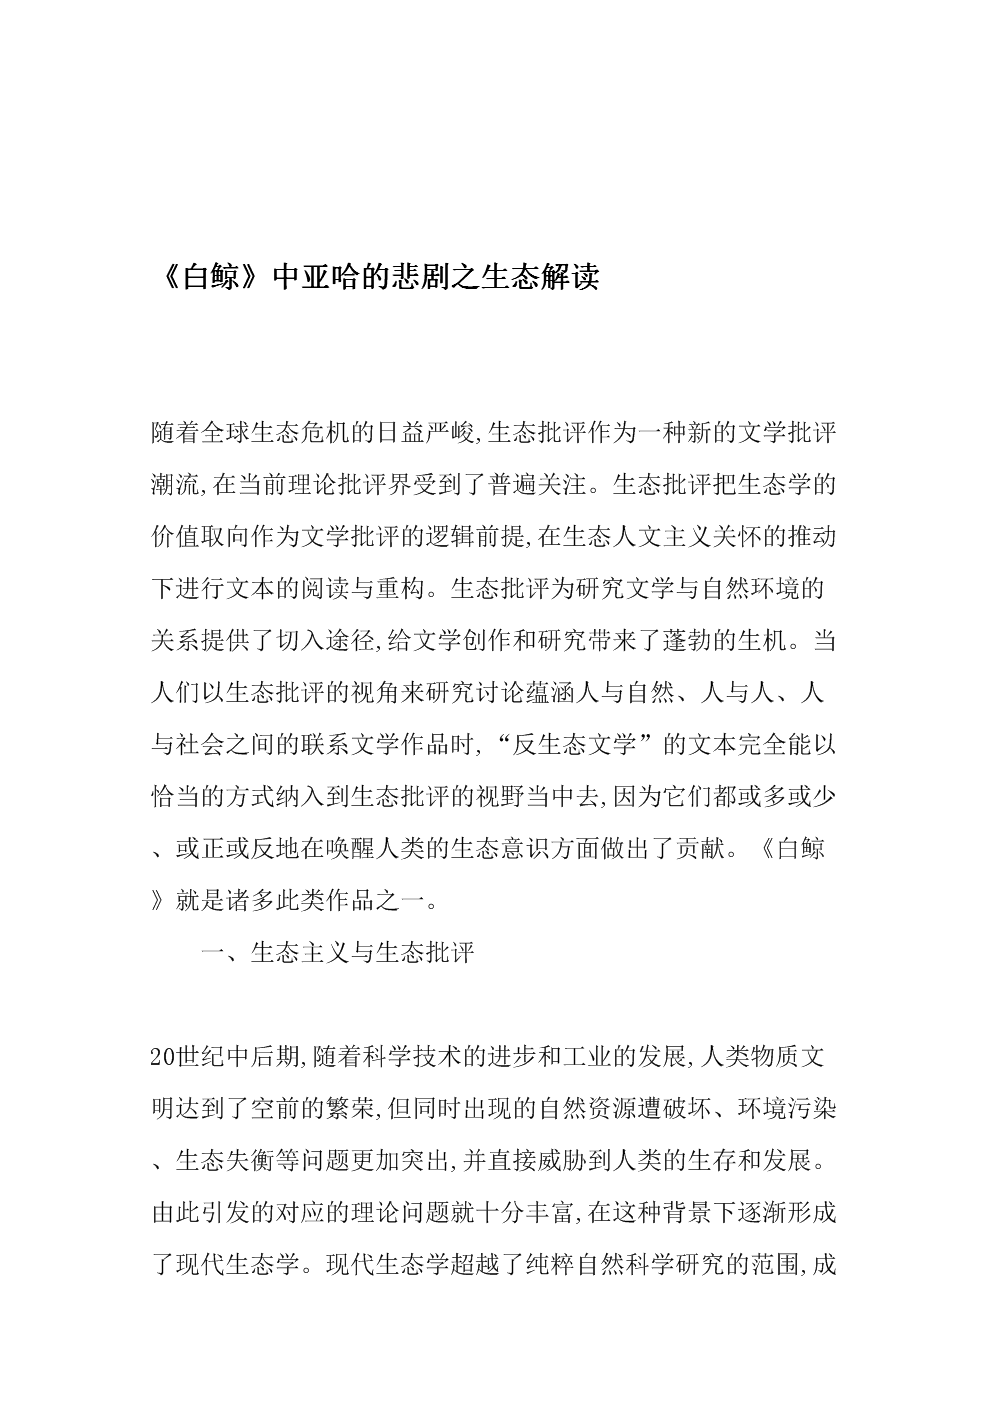 《白鲸》中亚哈的悲剧之生态解读-2019年精选文档.doc